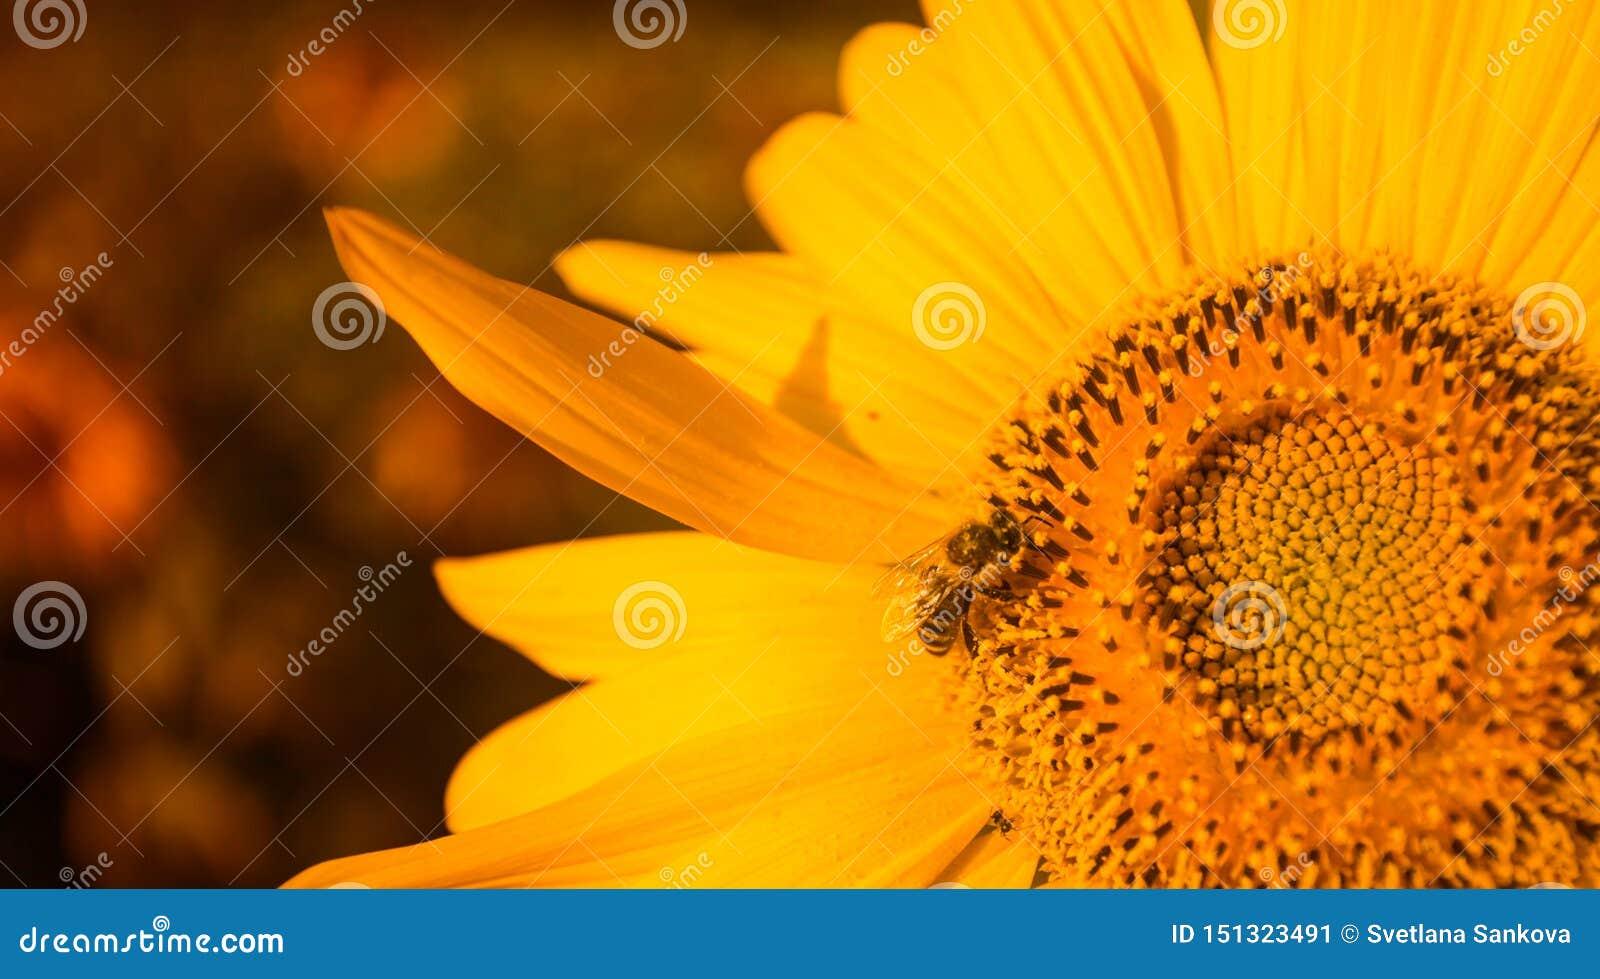 Spiraalvormig patroon in centrum van zonnebloem dichte verschijnende mooie textuur